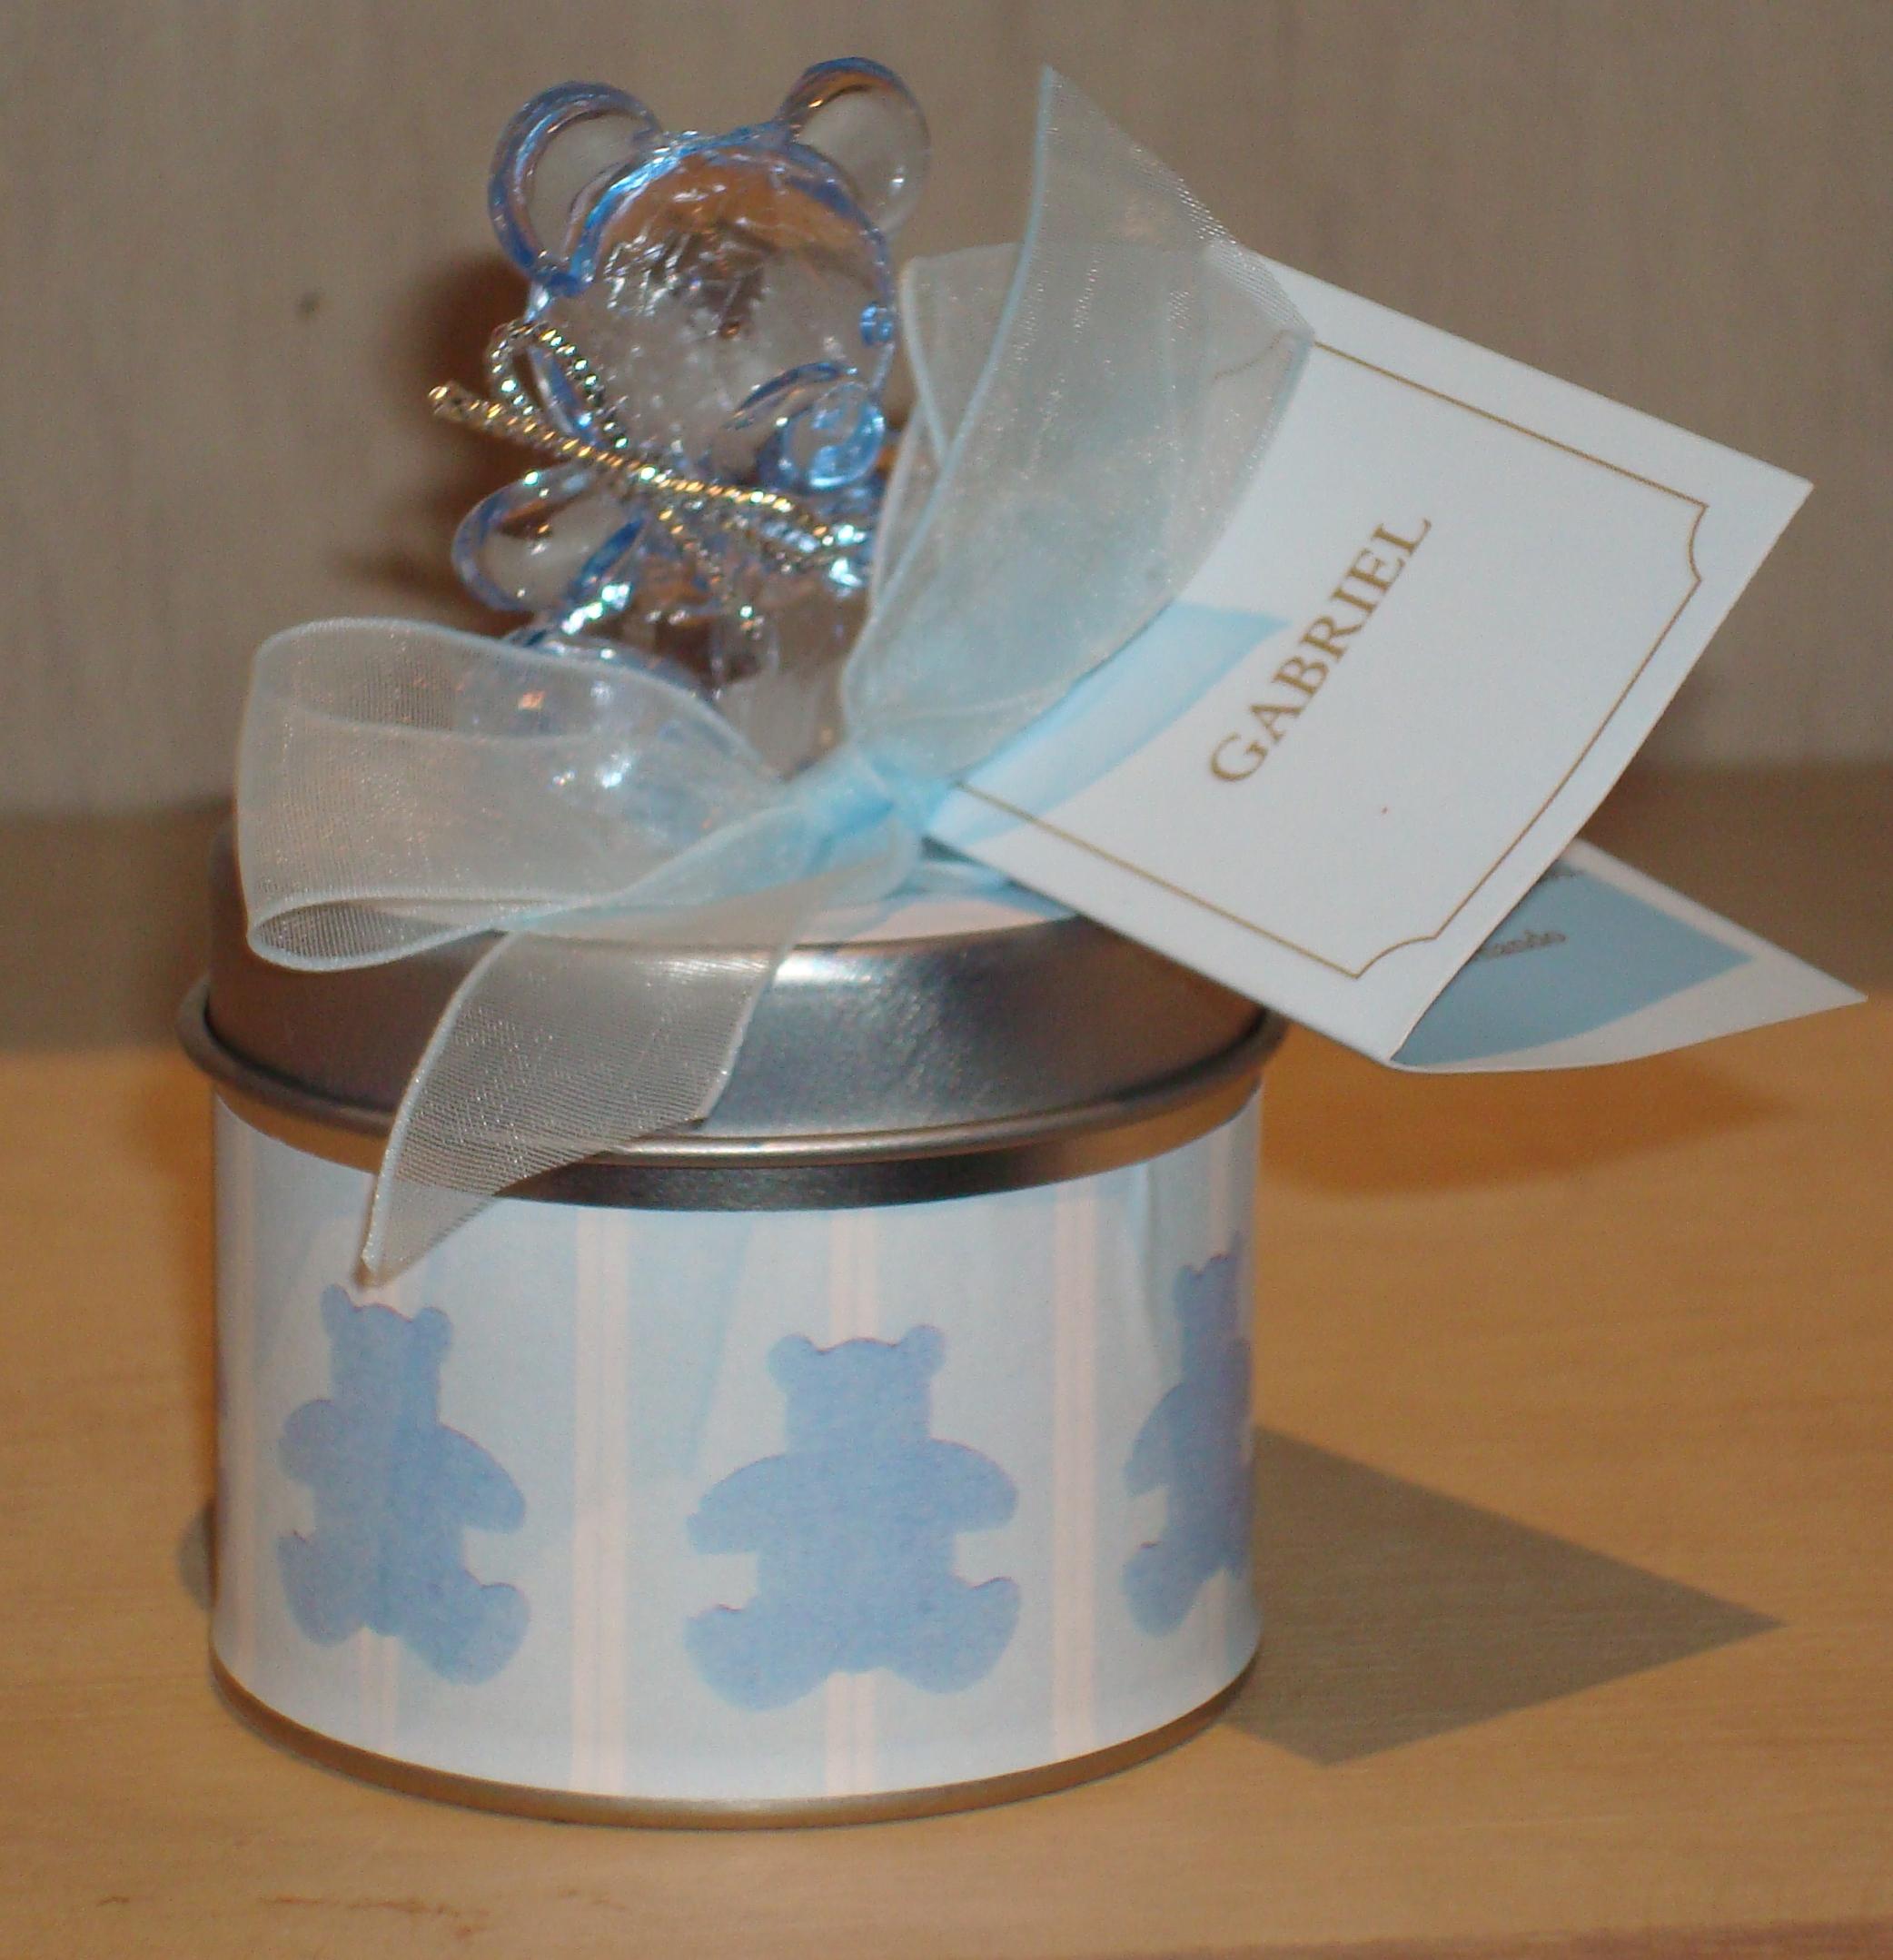 Latinha Ursinho Azul: R$19,50 (unid.)